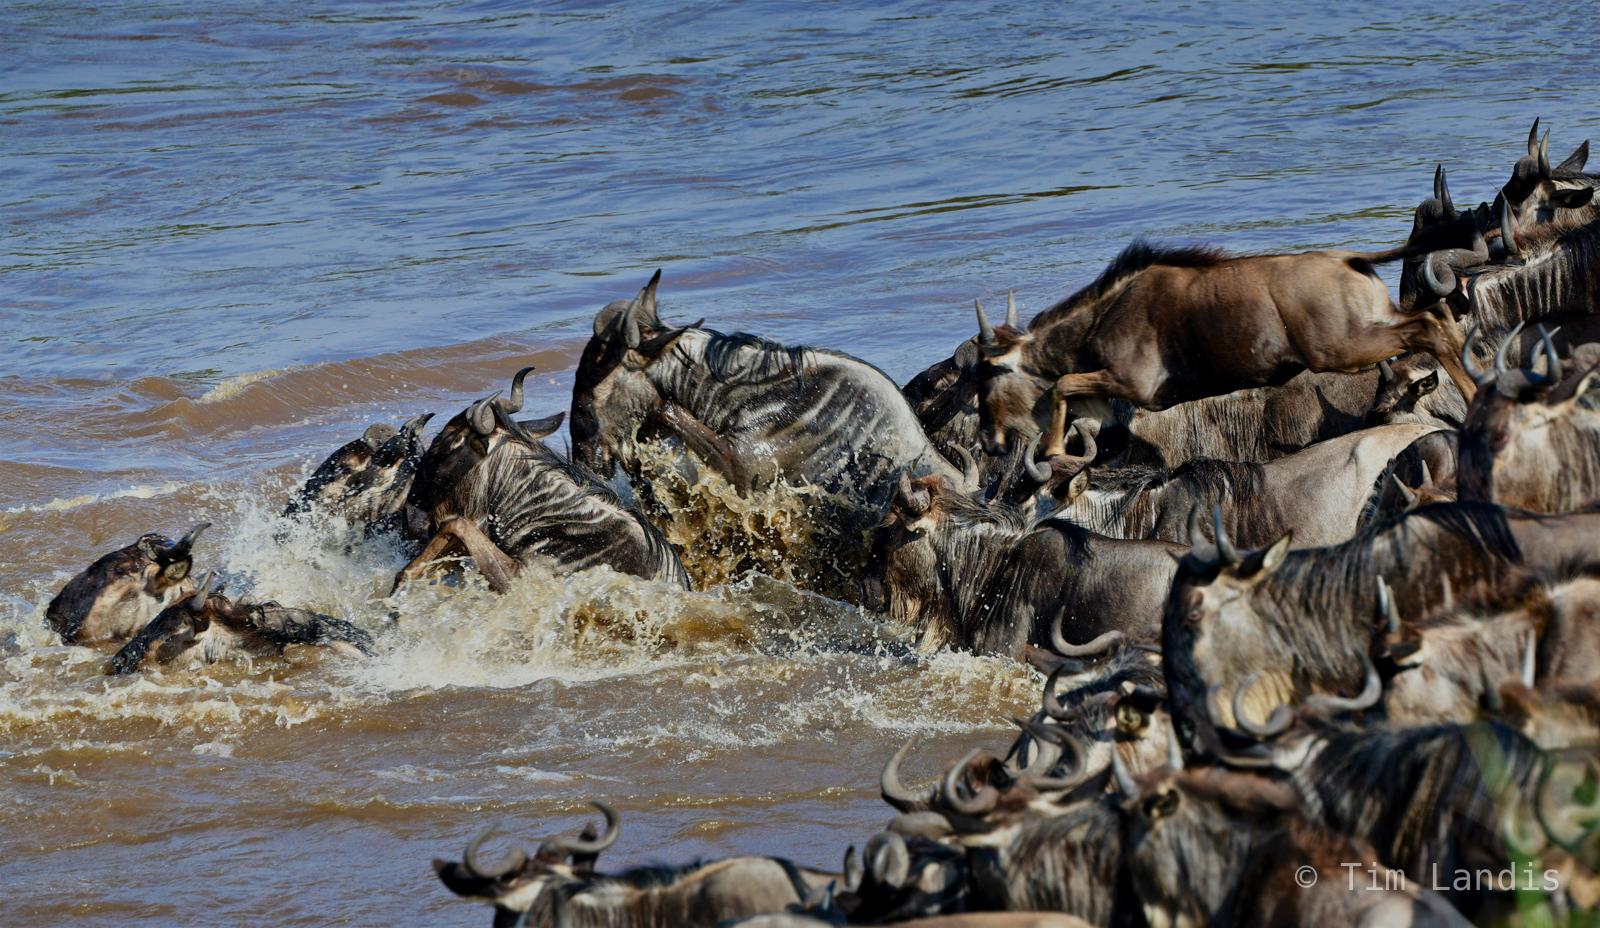 Leaping gnus, leaping wildebeests, splashing gnus, photo